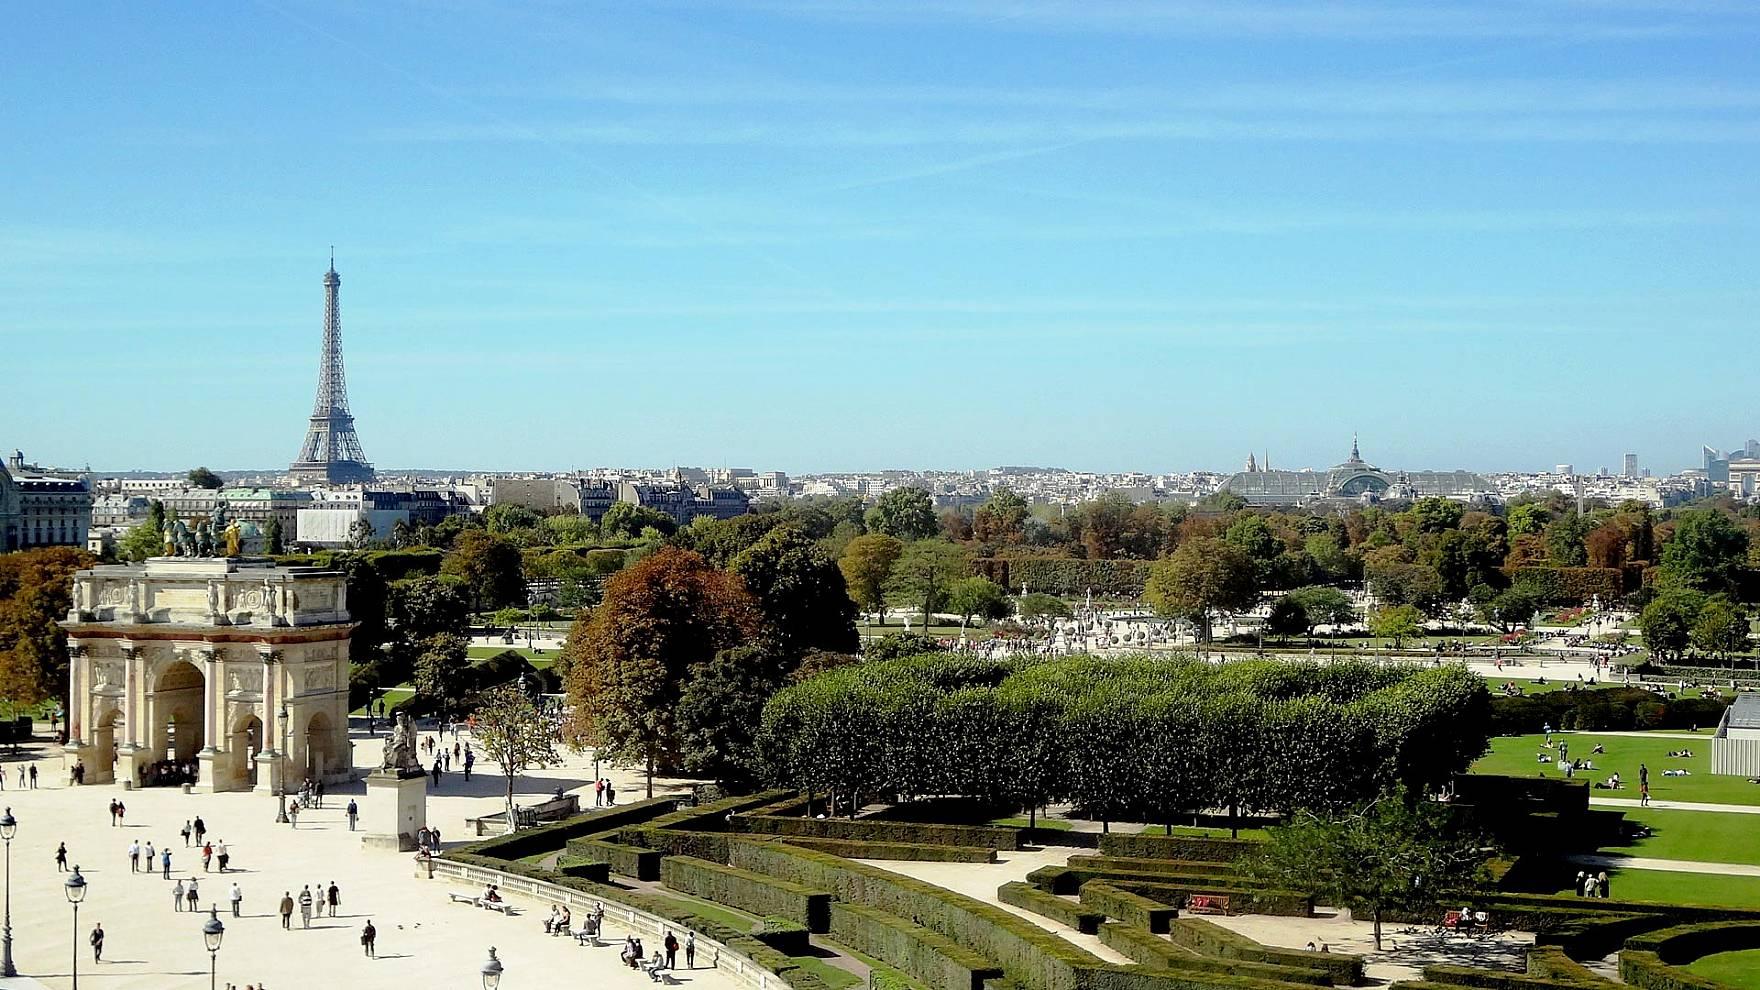 Hu00f4tel Eiffel Trocadu00e9ro : Hotel Eiffel Trocadero, Paris